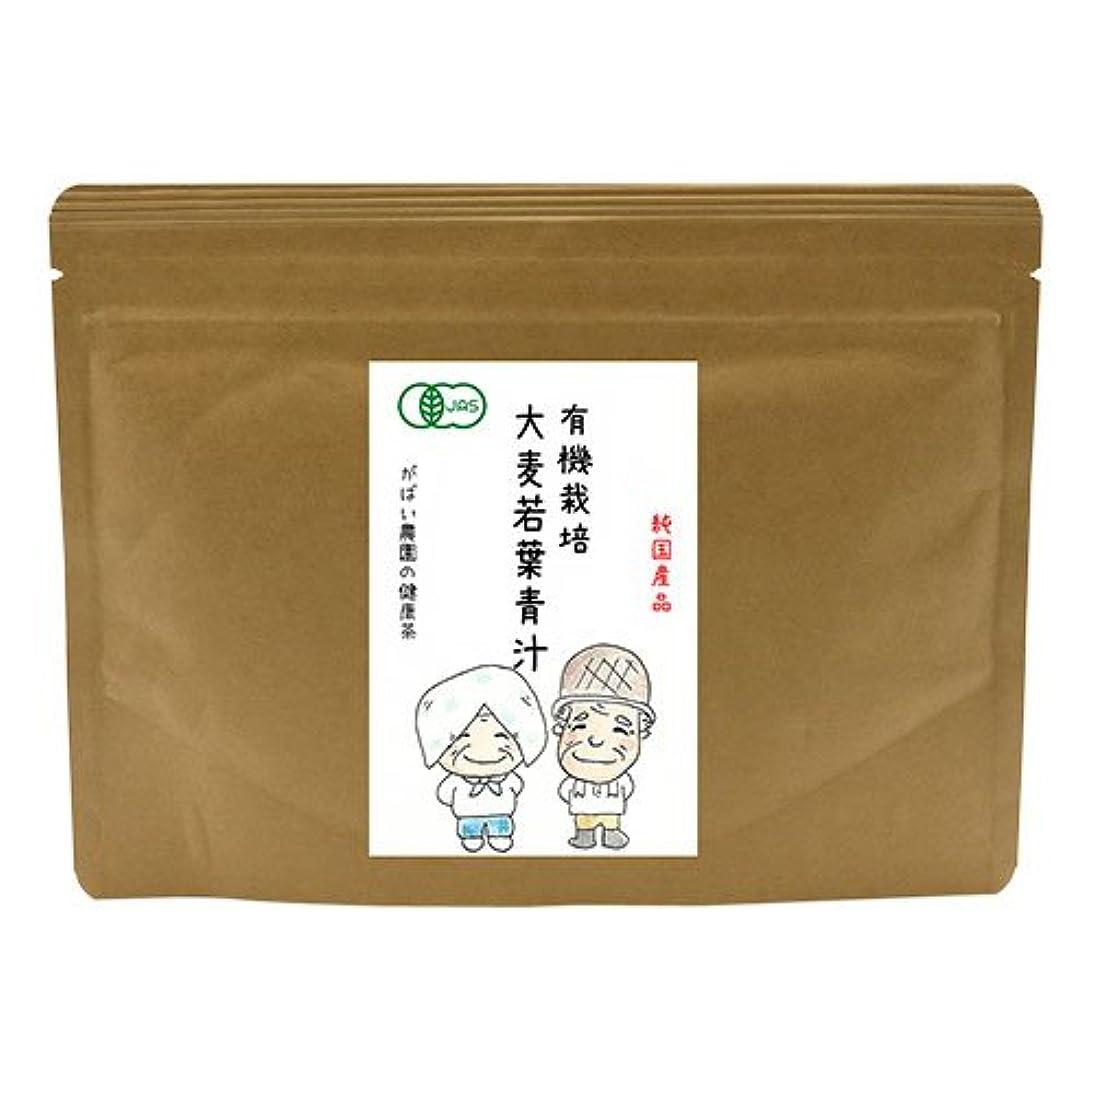 こねるティッシュ不愉快に有機栽培 大麦若葉青汁 100g